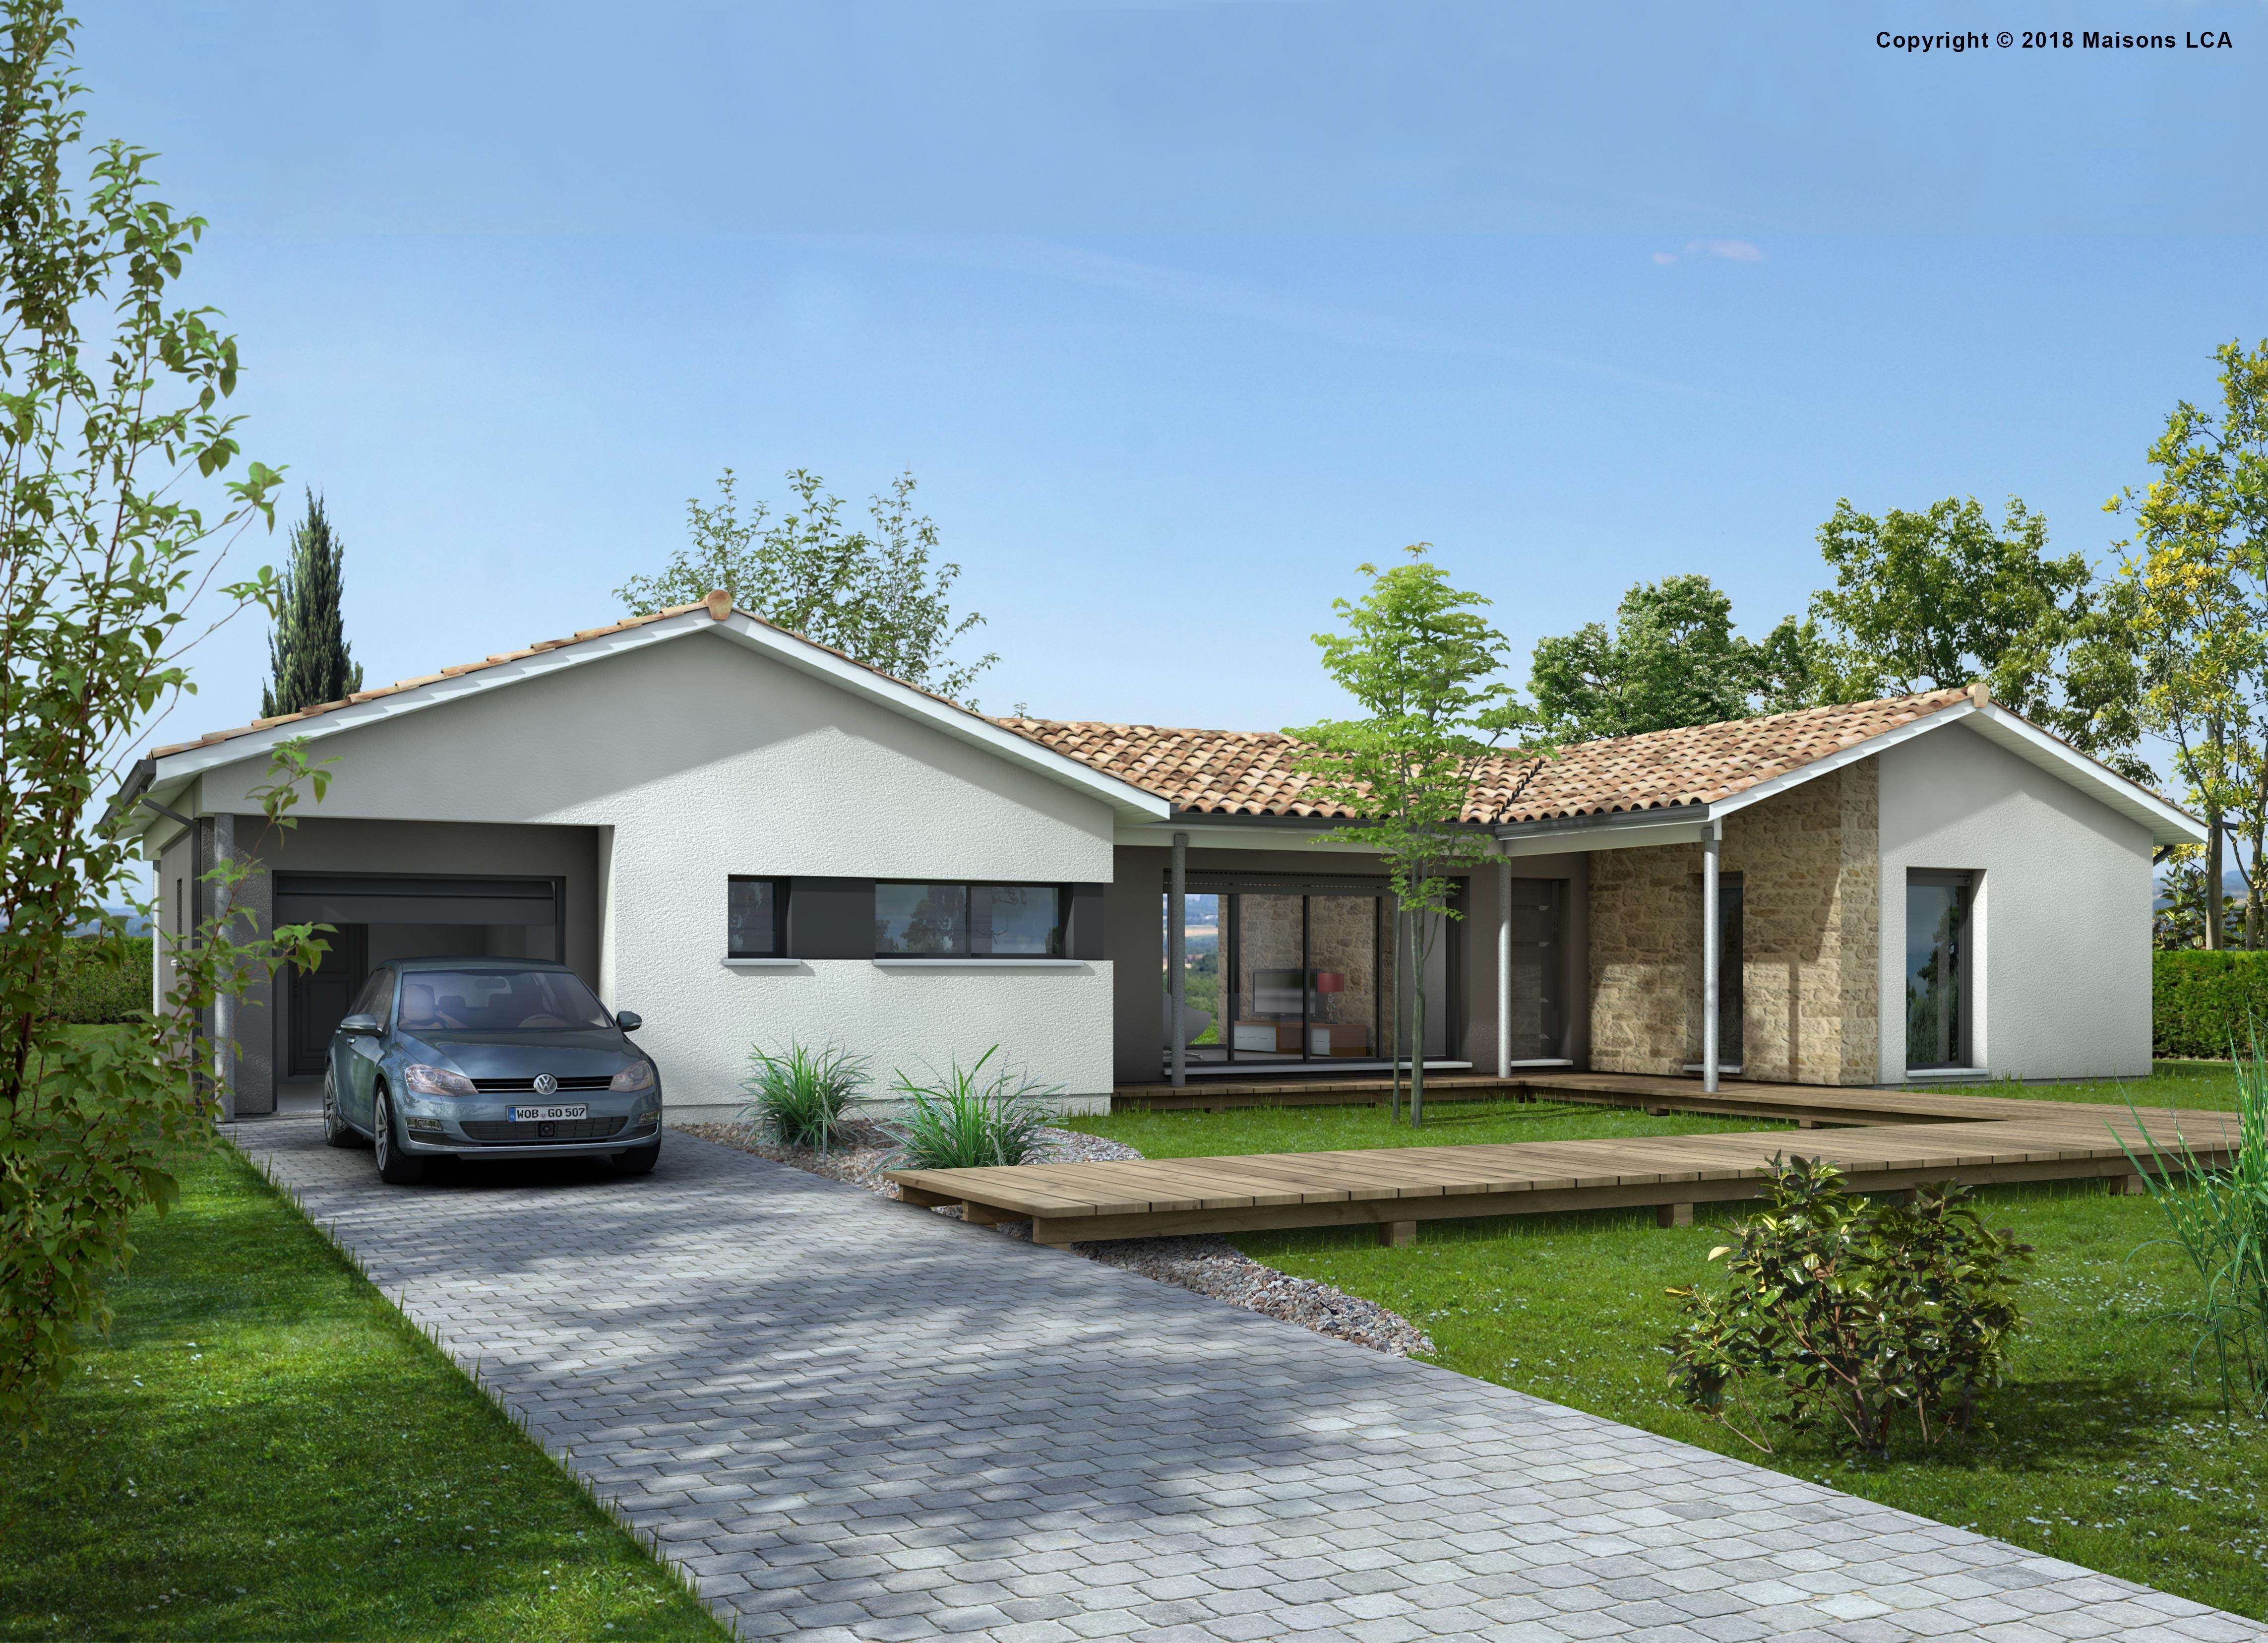 Maisons + Terrains du constructeur LCA MONT DE MARSAN • 90 m² • MEILHAN